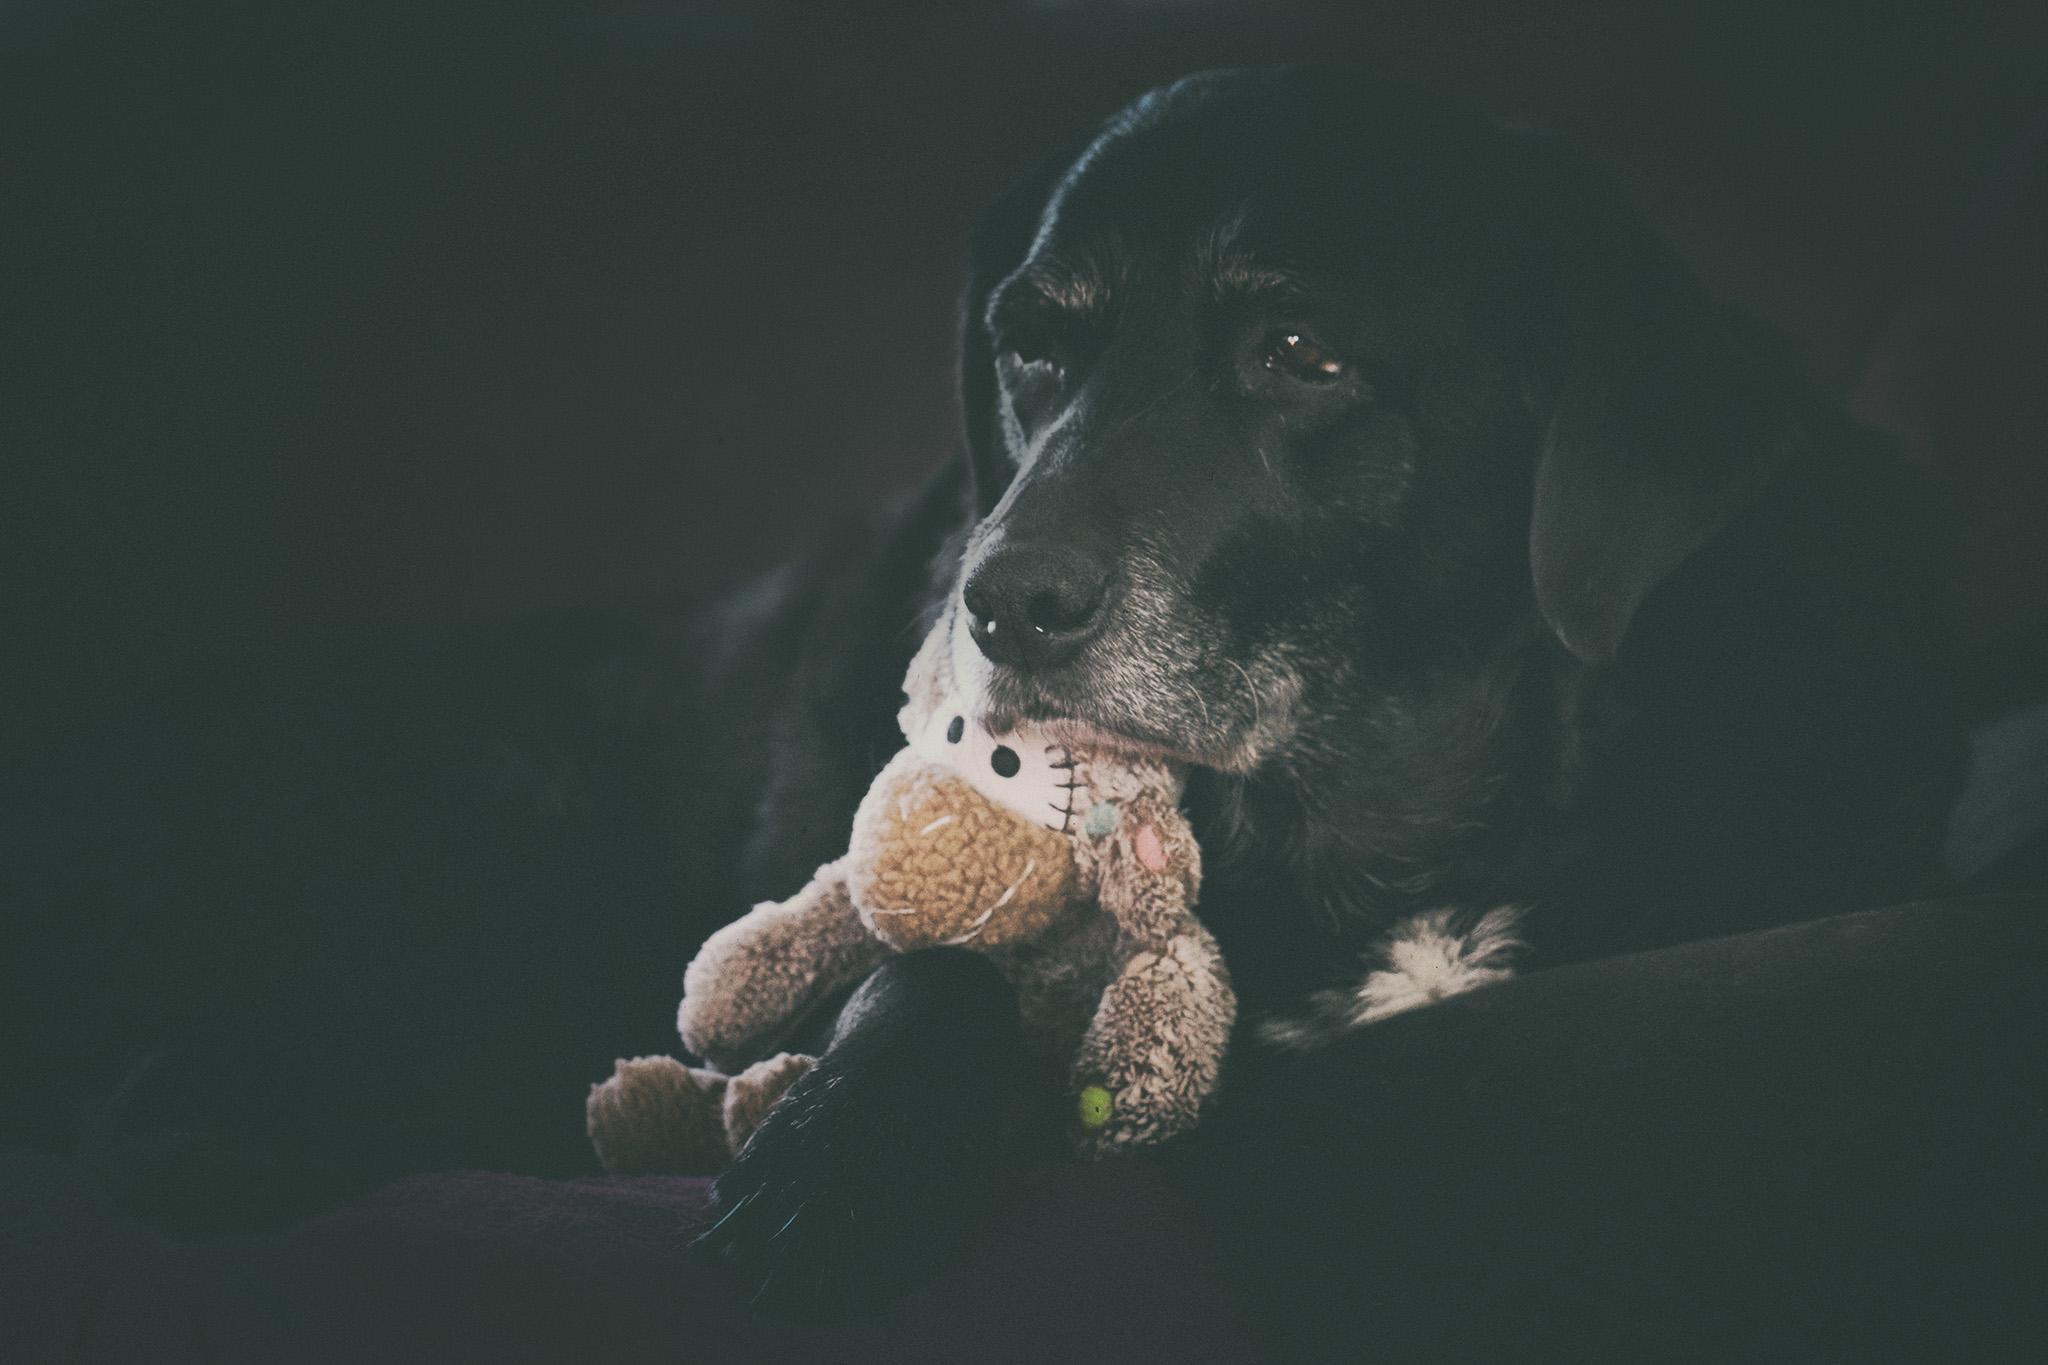 Fabelhaft Haustier Affe Dekoration Von Spielzeug, Knuddelig, Kuscheltier, Affe, Niedlich, Schottland, Ayrshire,